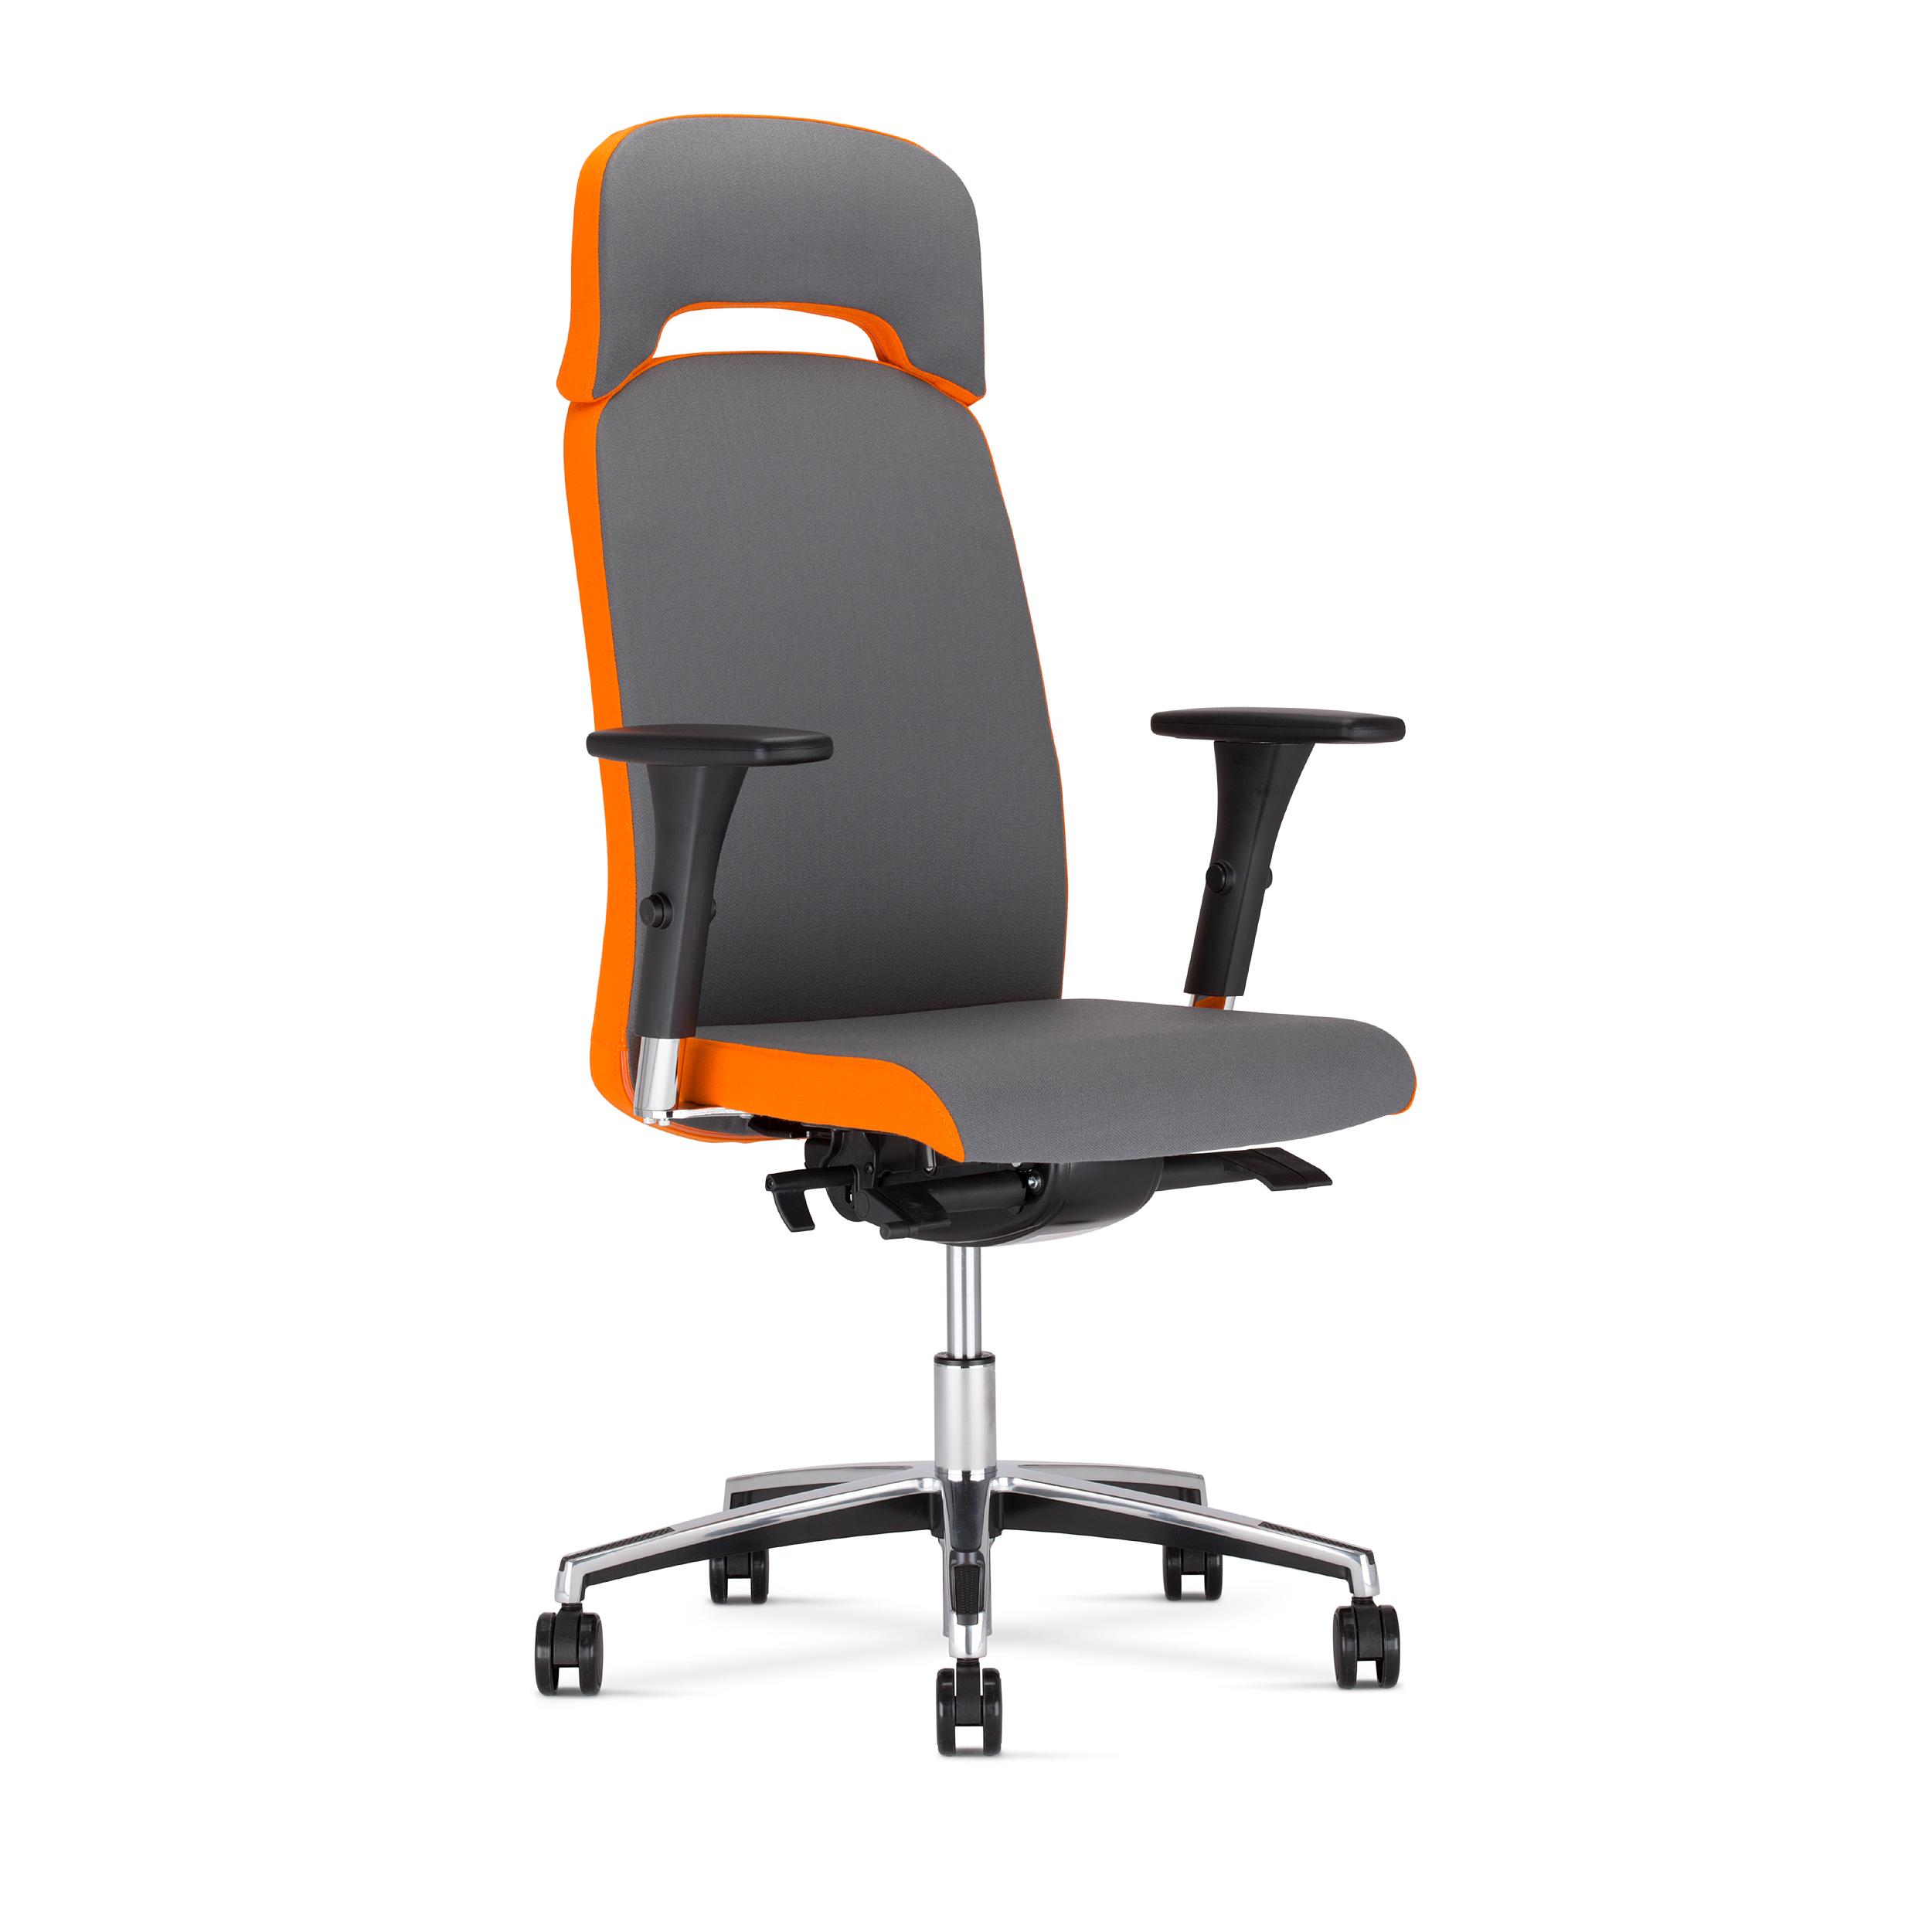 krzesło_Belive05